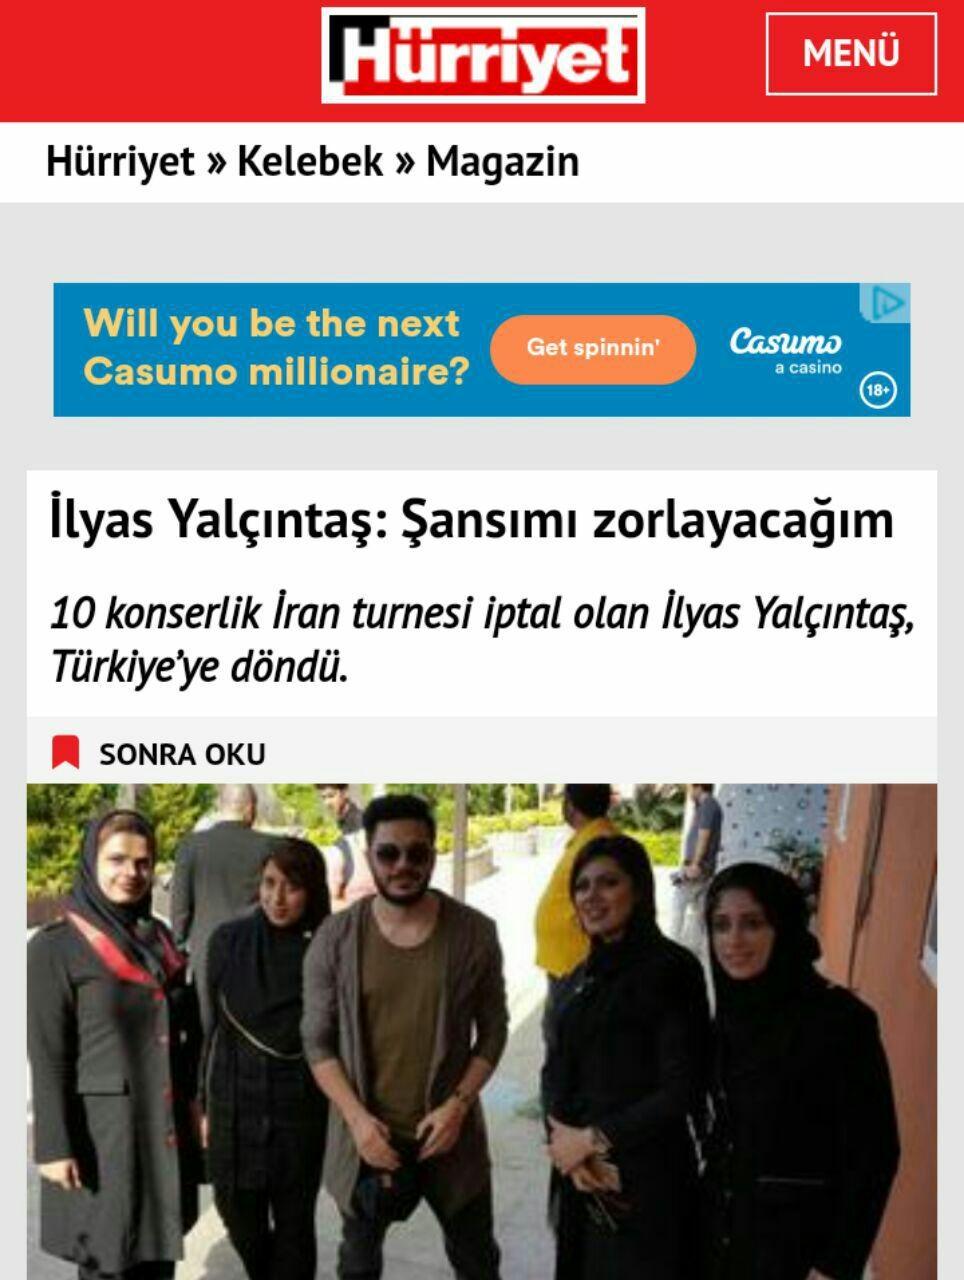 کنسرت الیاس یالچینتاش خواننده پاپ ترک درایران لغو شد